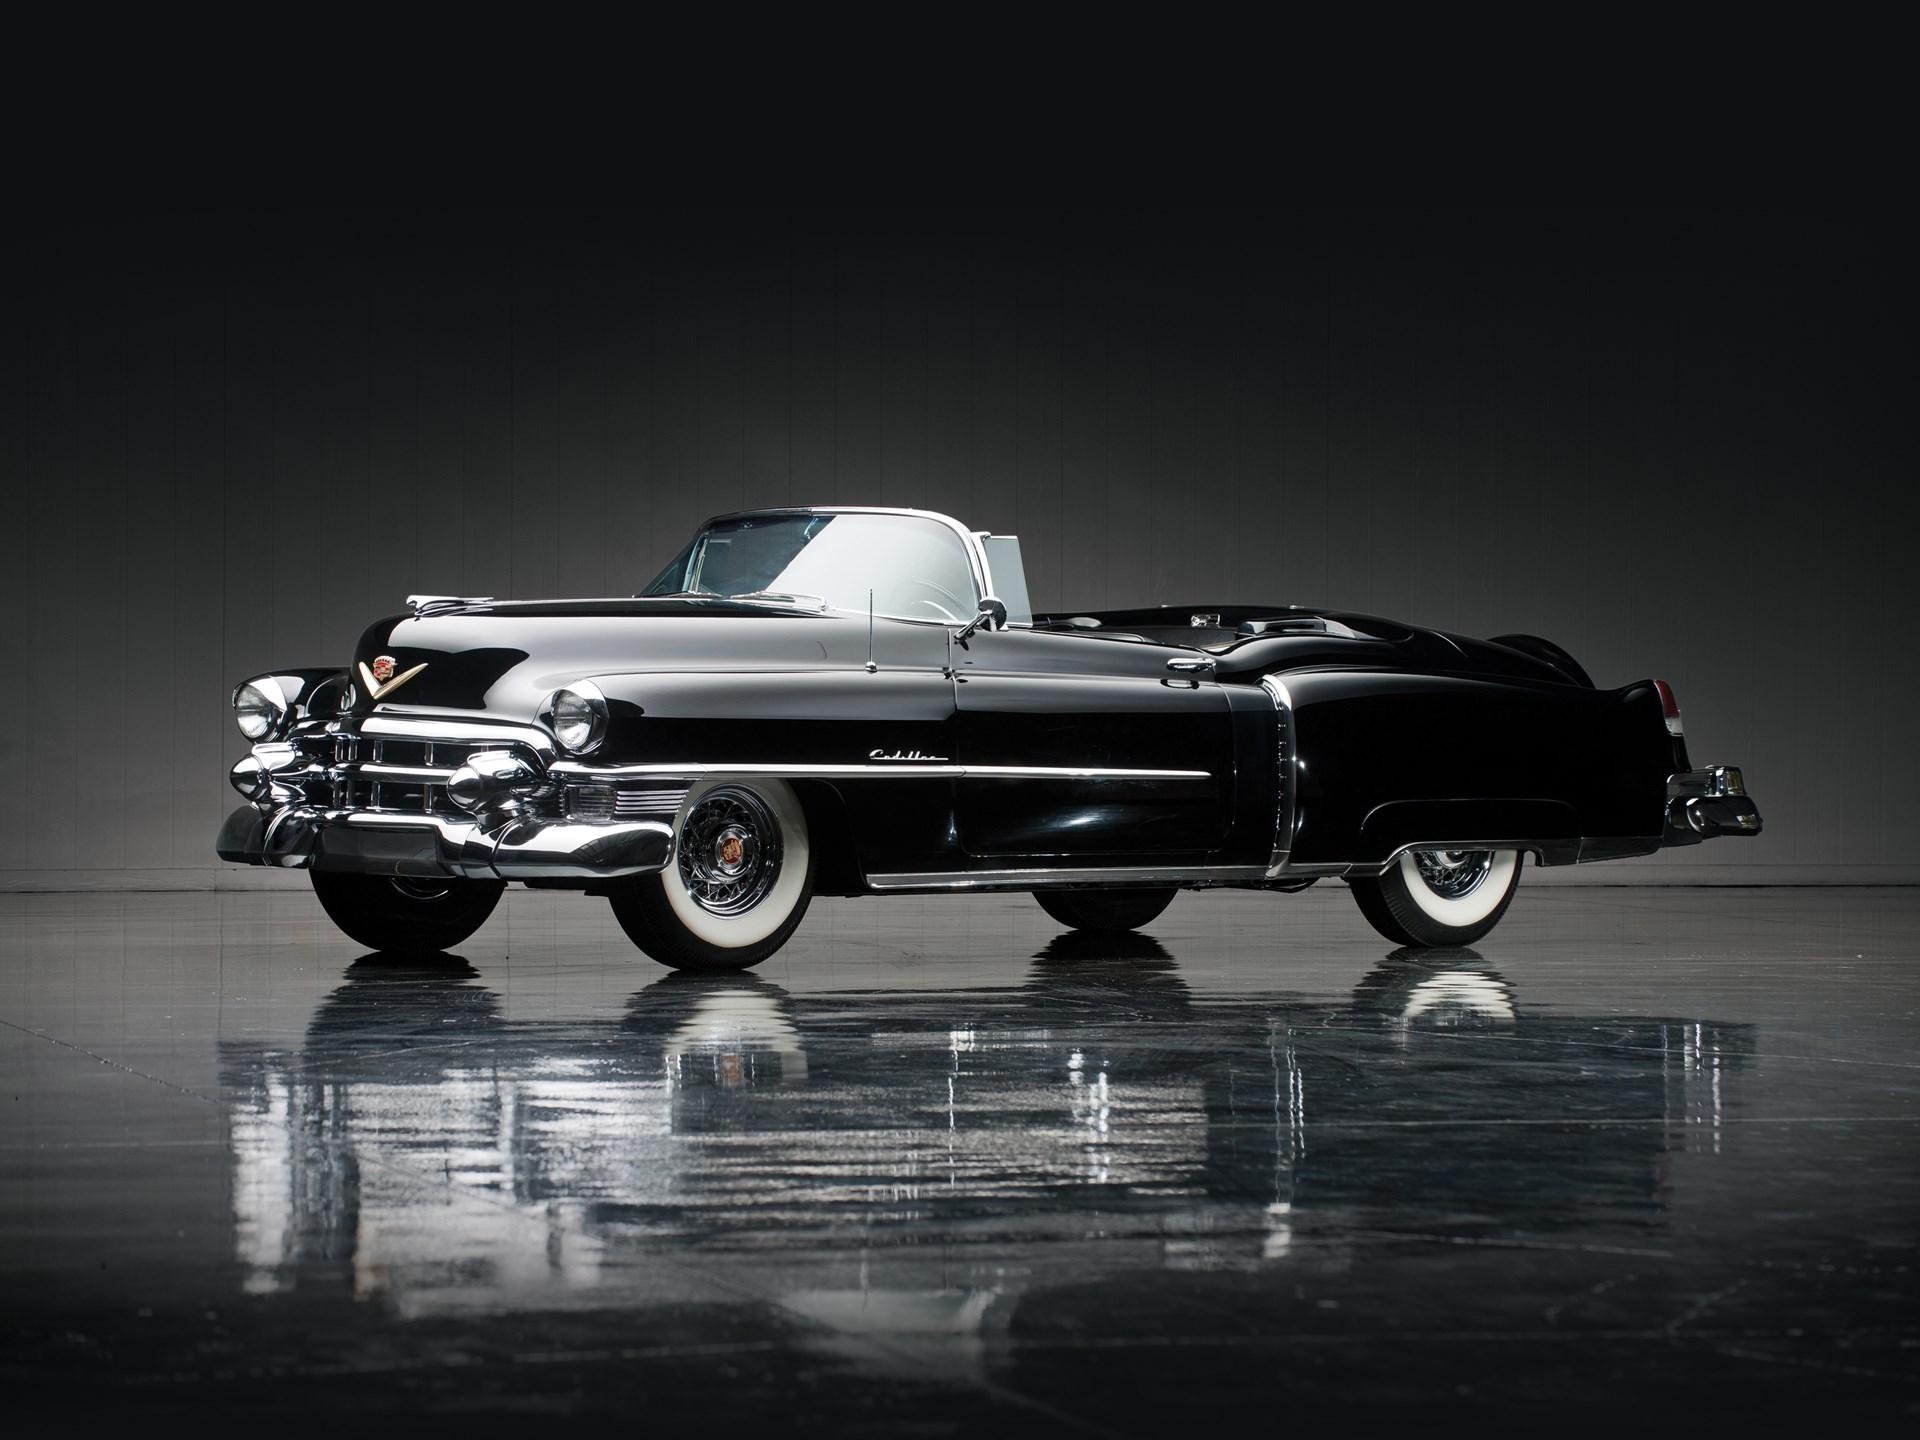 RM Sotheby's - 1953 Cadillac Eldorado Convertible | The Don Davis Collection 2013